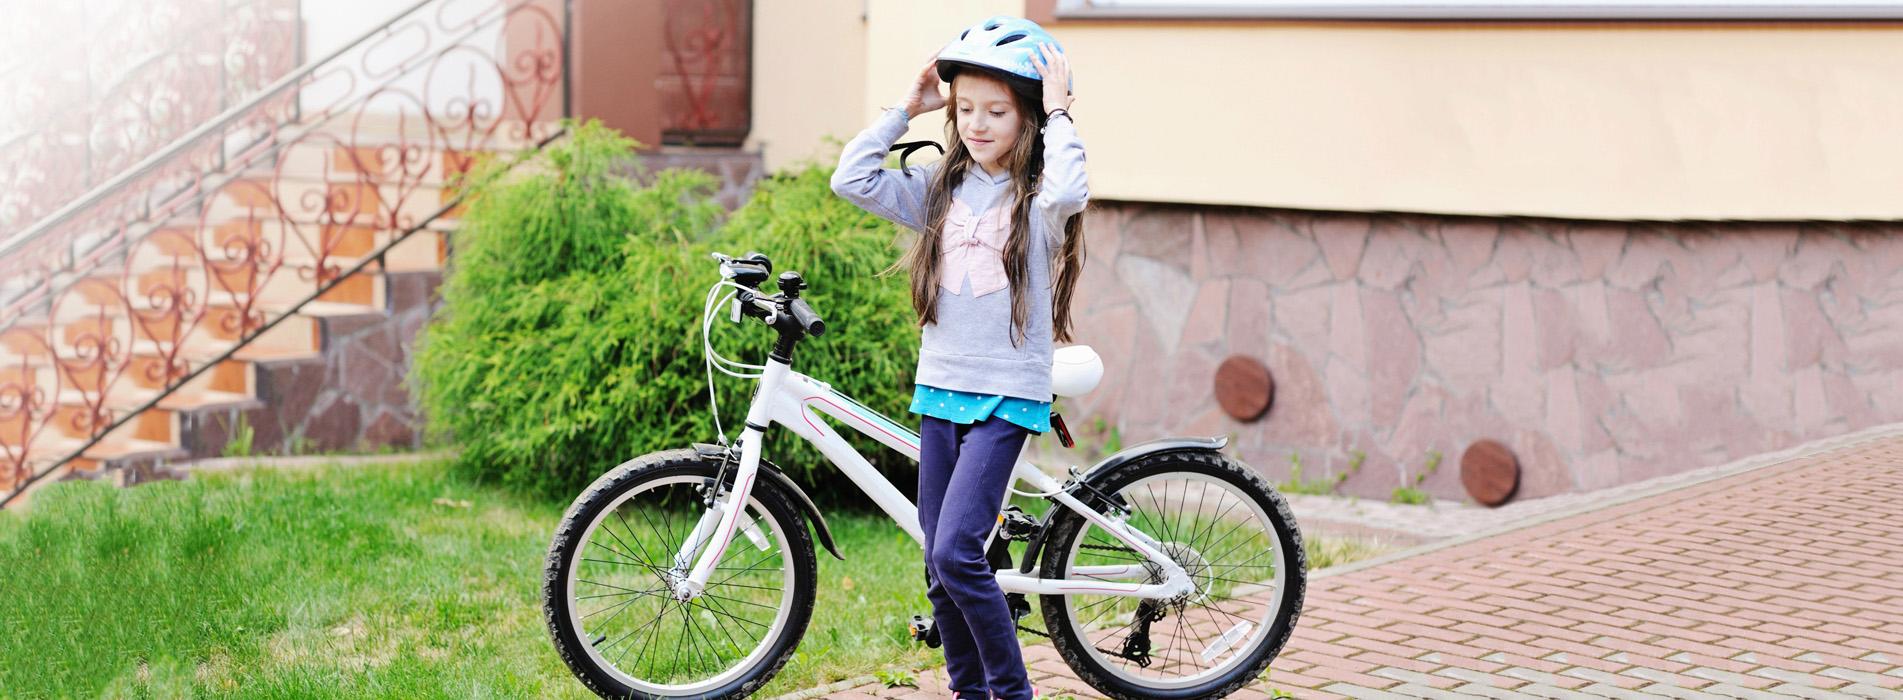 childrens cycle helmet c07